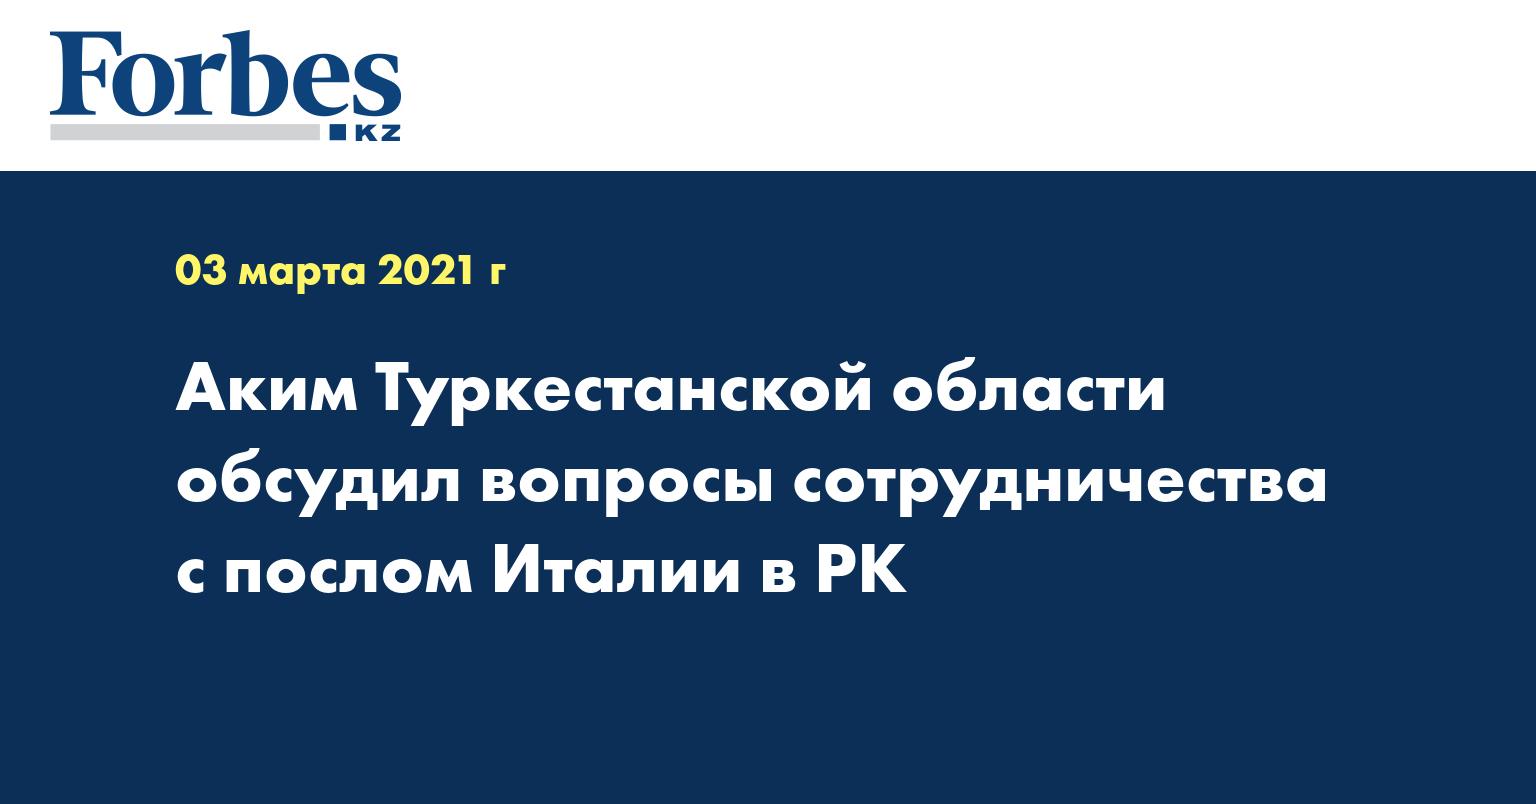 Аким Туркестанской области обсудил вопросы сотрудничества с послом Италии в РК